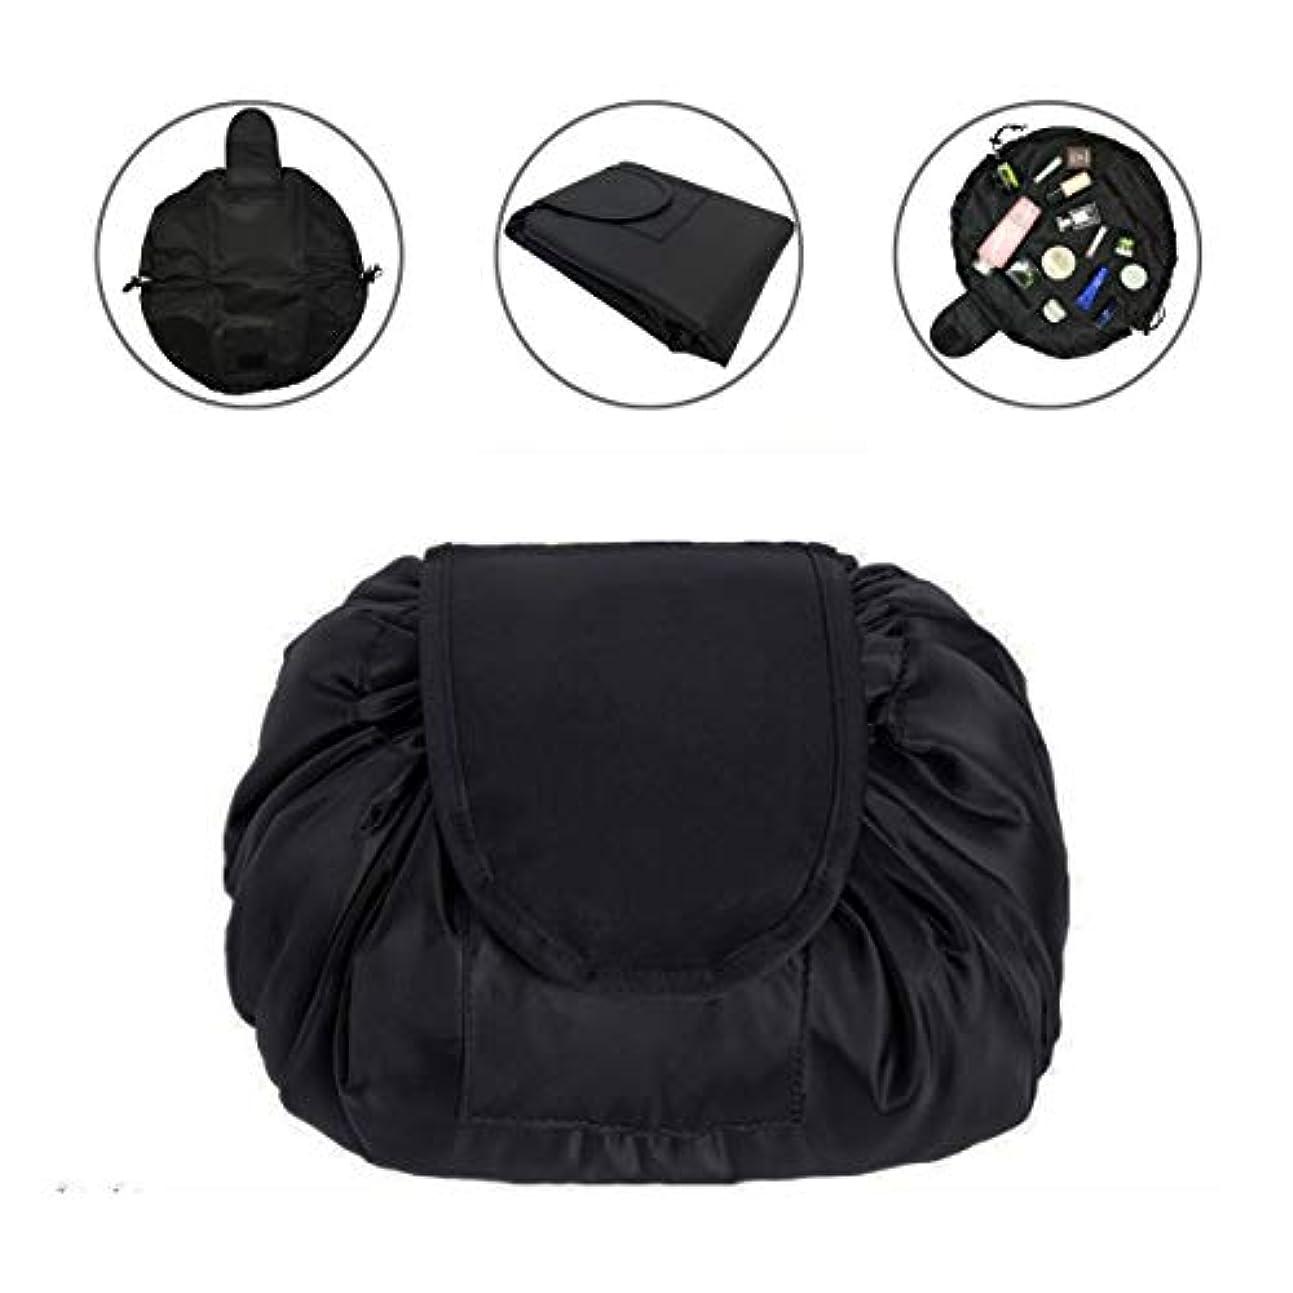 アンティーク八百屋トランザクションLAFALA 化粧バッグ 化粧ポーチ メイクバッグ 化粧品収納バッグ 折畳式 巾着型 収納携帯用 便利 防水的 旅行 容量大きい 格好いい おしゃれ 黒色 お勧め